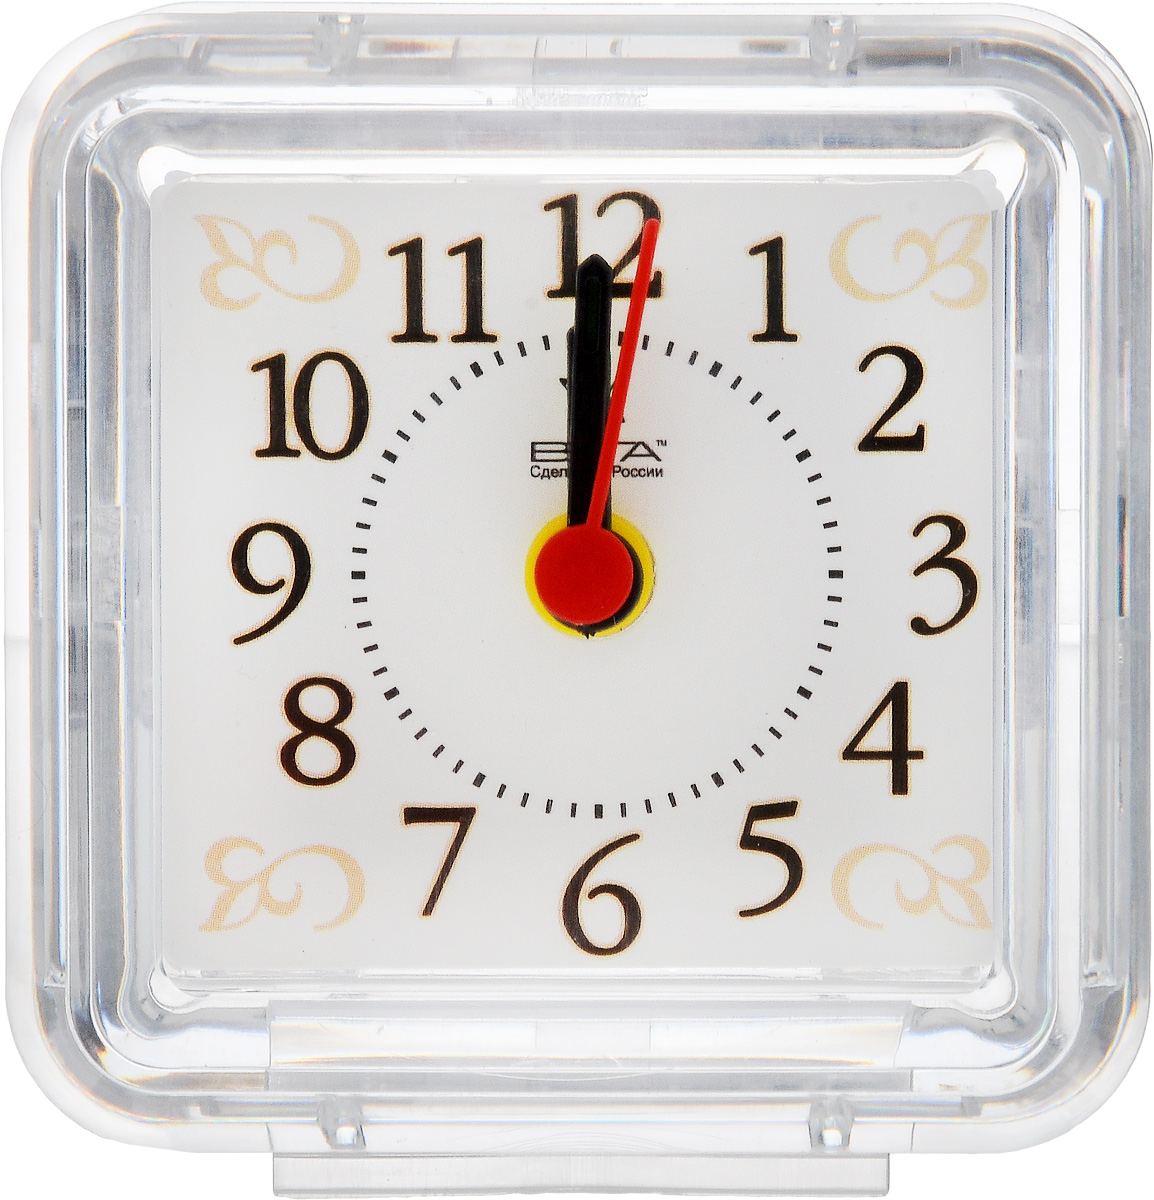 Часы-будильник Вега УзорБ1-025Настольные кварцевые часы Вега Узор изготовленыиз прозрачного пластика. Часы имеют три стрелки -часовую, минутную и стрелку завода. Такие часы красиво и оригинально украсят интерьер домаили рабочий стол в офисе. Также часы могут статьуникальным, полезным подарком для родственников,коллег, знакомых и близких.Часы работают от батарейки типа АА (в комплект невходит). Имеется инструкция по эксплуатации на русскомязыке.